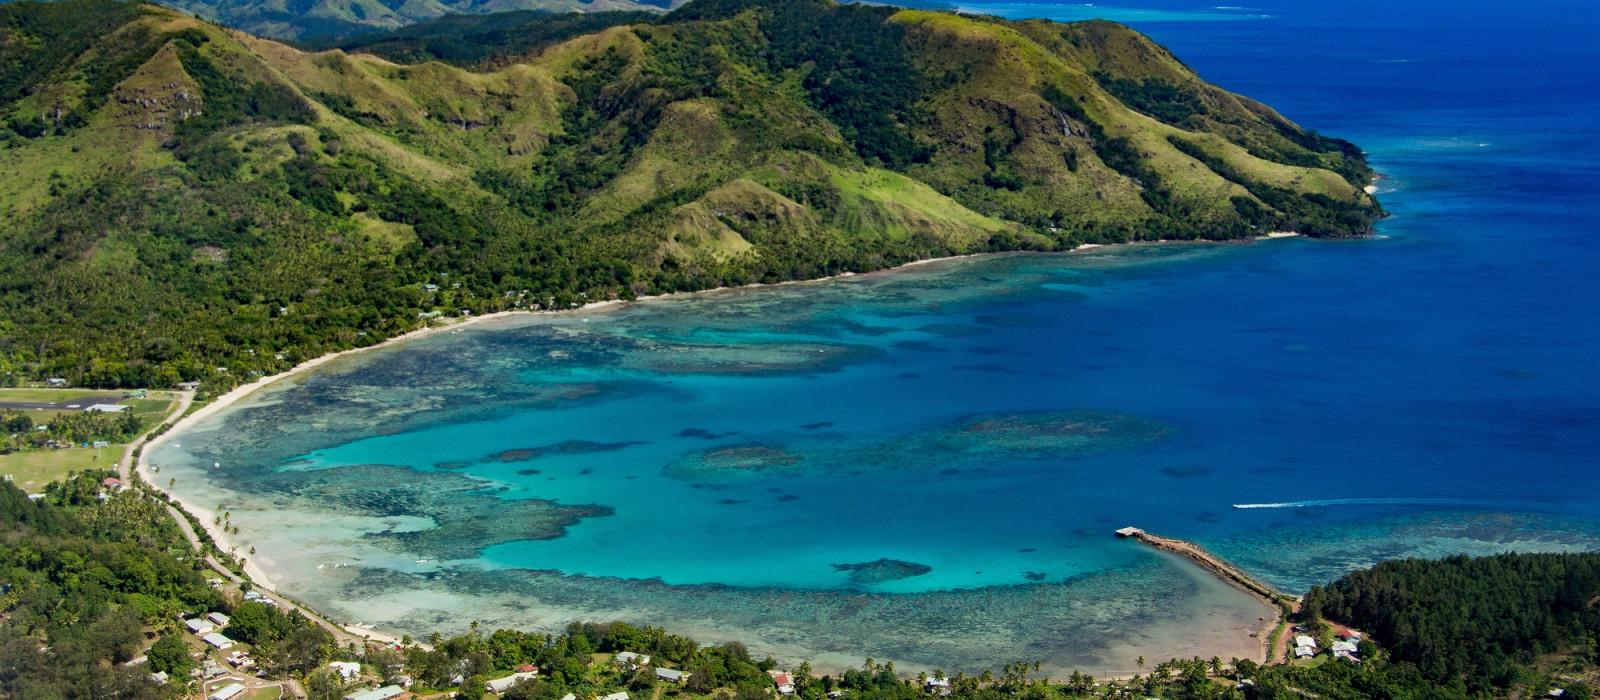 Destination Kadavu Island Fiji